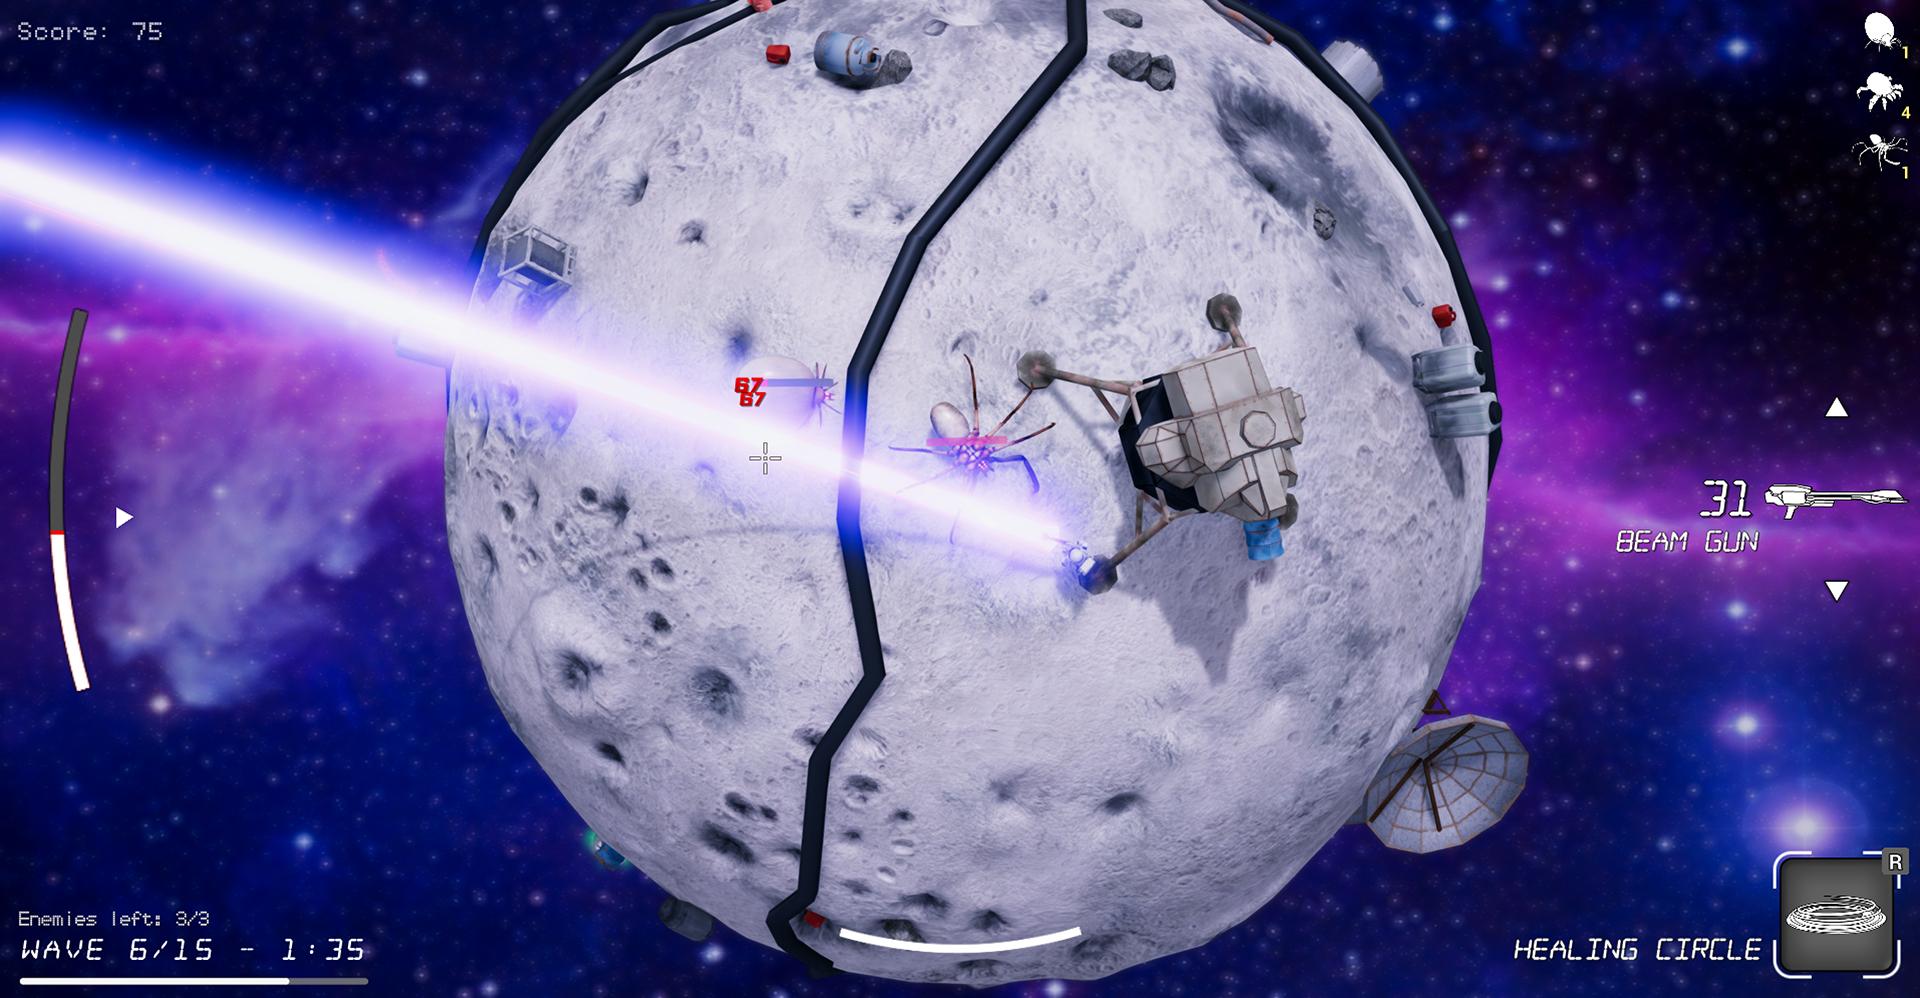 Moon4_636904922155973839.jpg